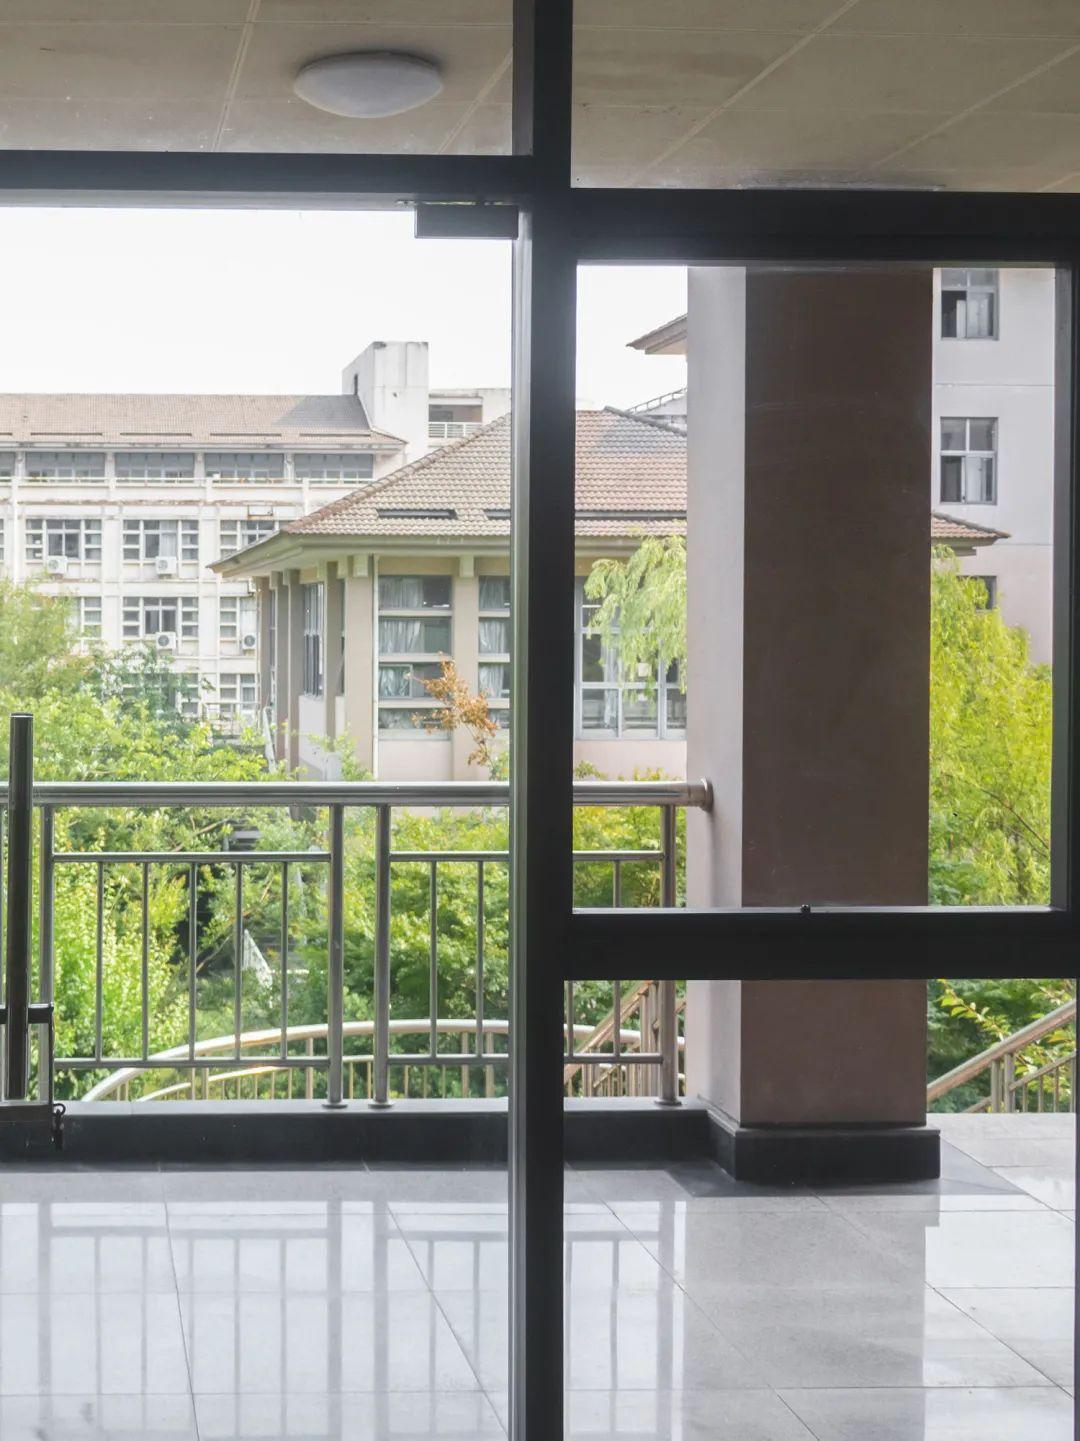 离学期结束还有不到100天了哦!校园里窗外的风景你可曾用心看过图片